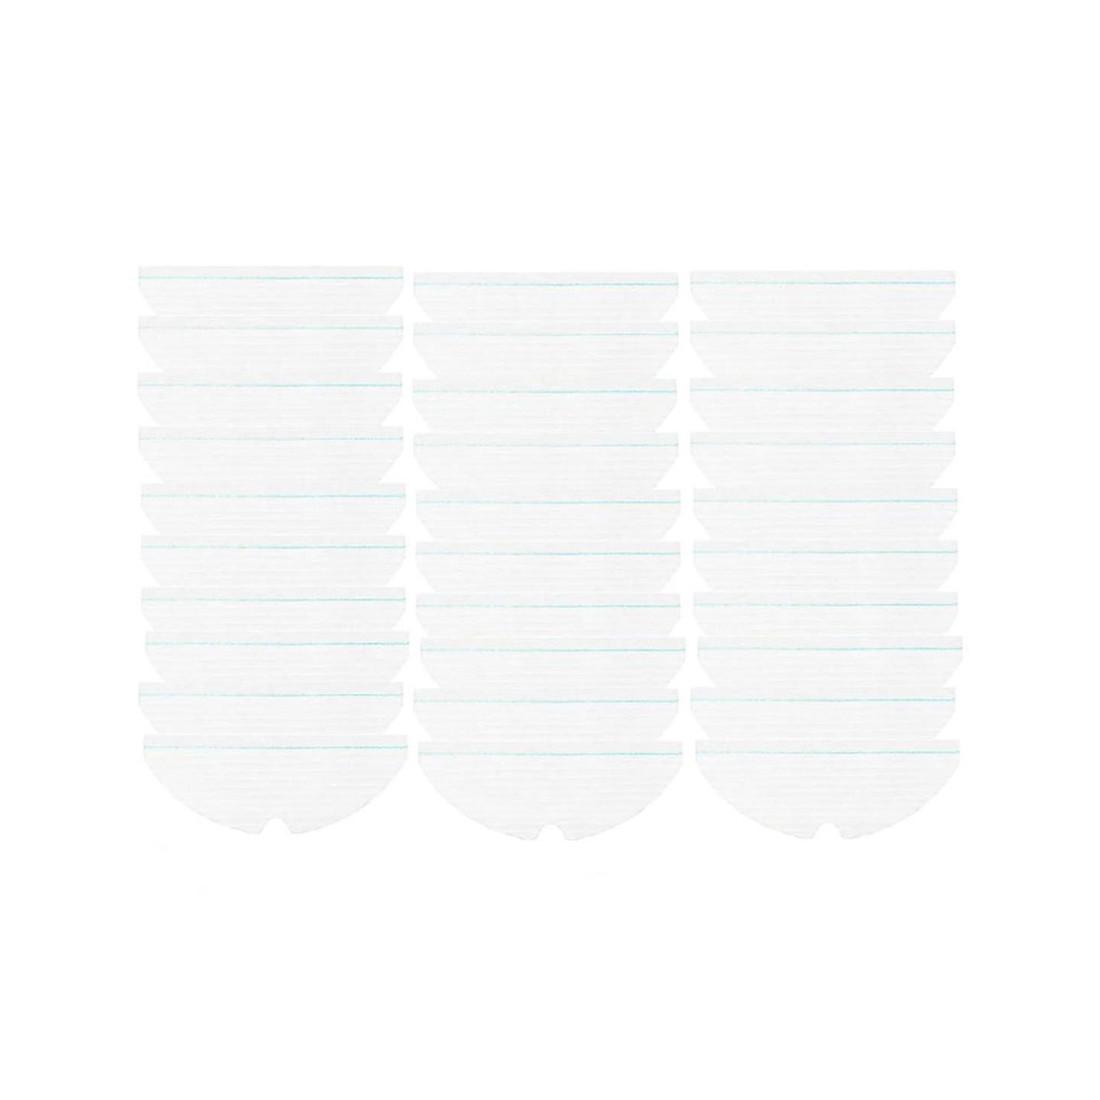 Насадки одноразовые для влажной уборки для робота-пылесоса Roborock (30 шт в комплекте)